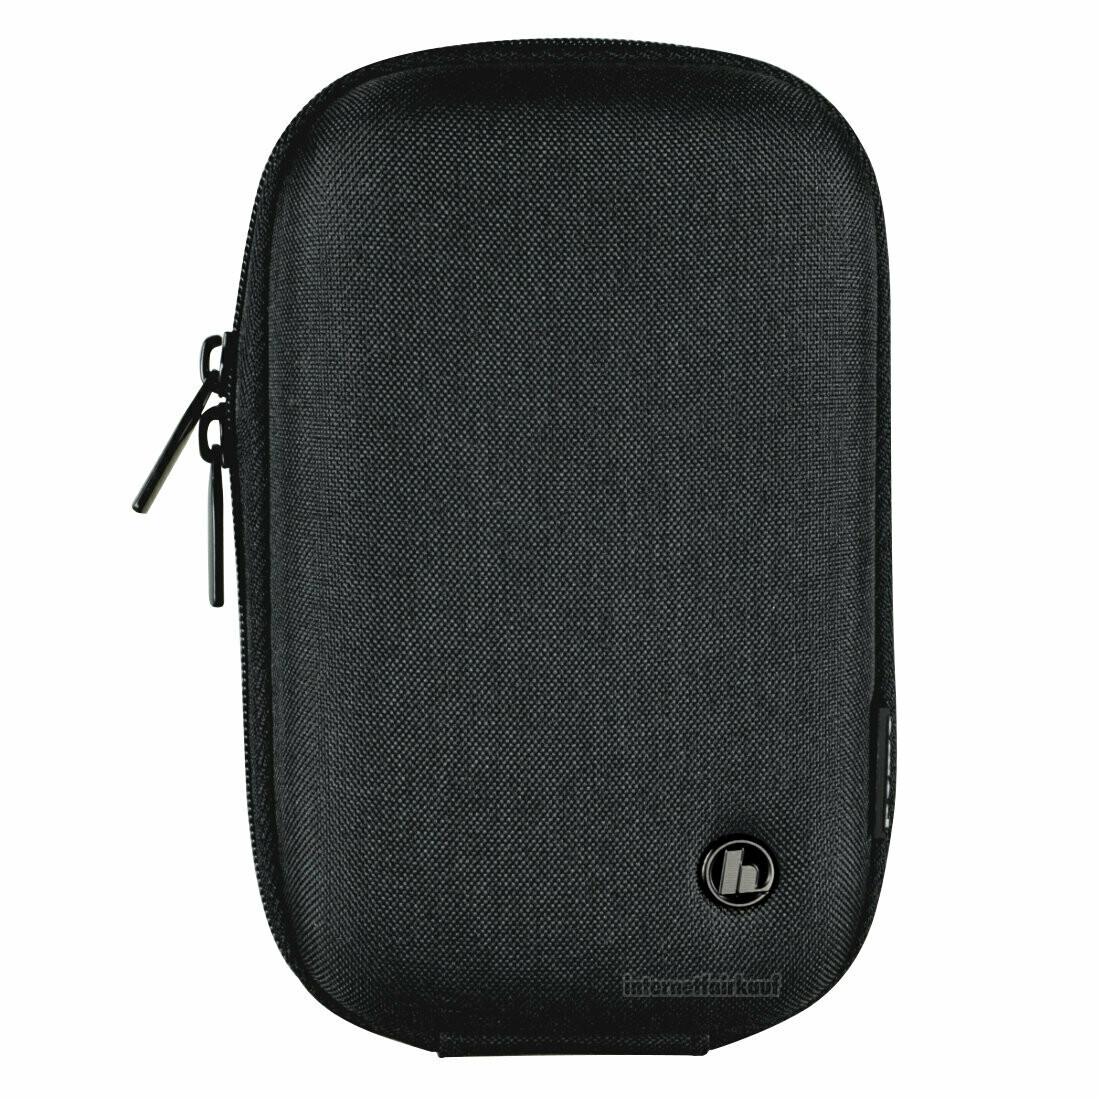 Hardcase Kameratasche passend für Ricoh WG-5 GPS